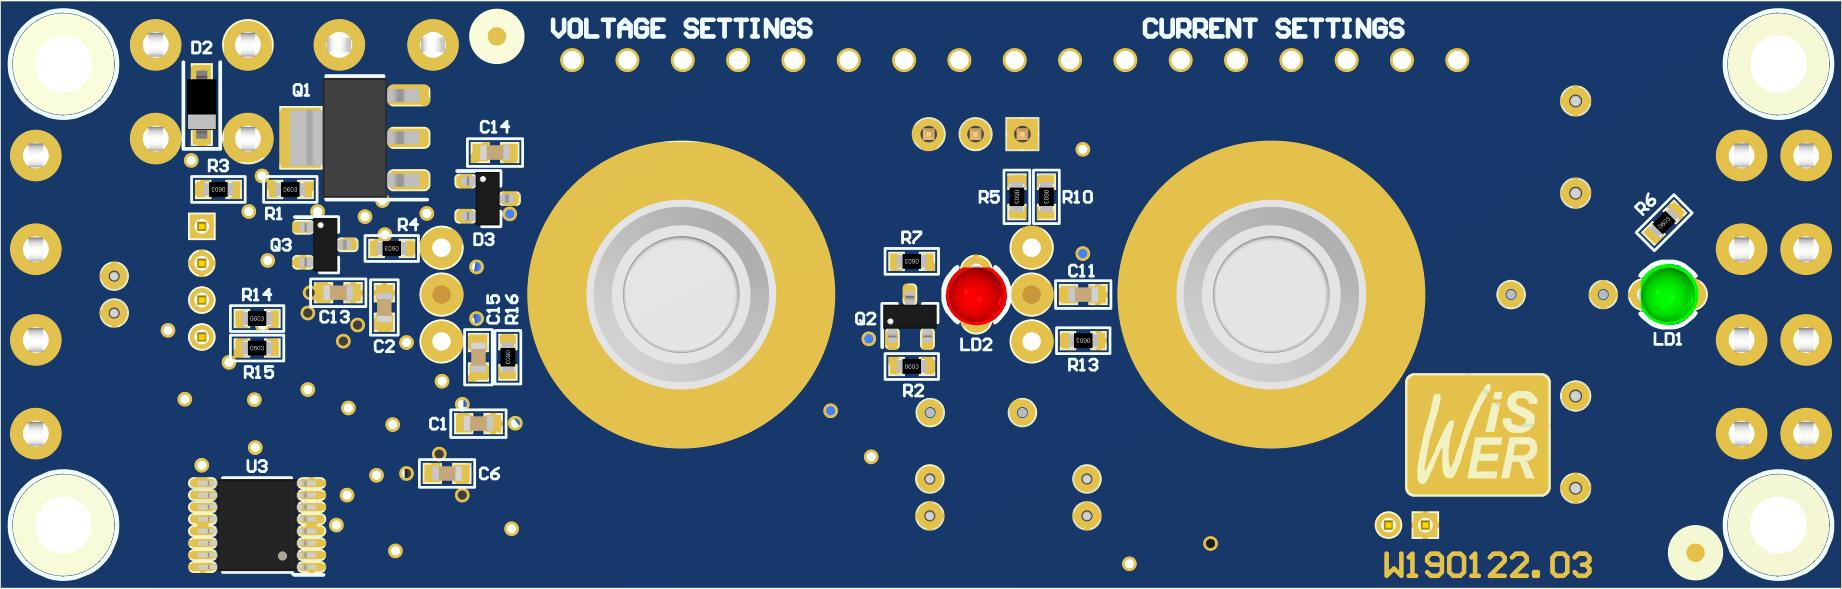 W190122.03 PCB 3D BOT